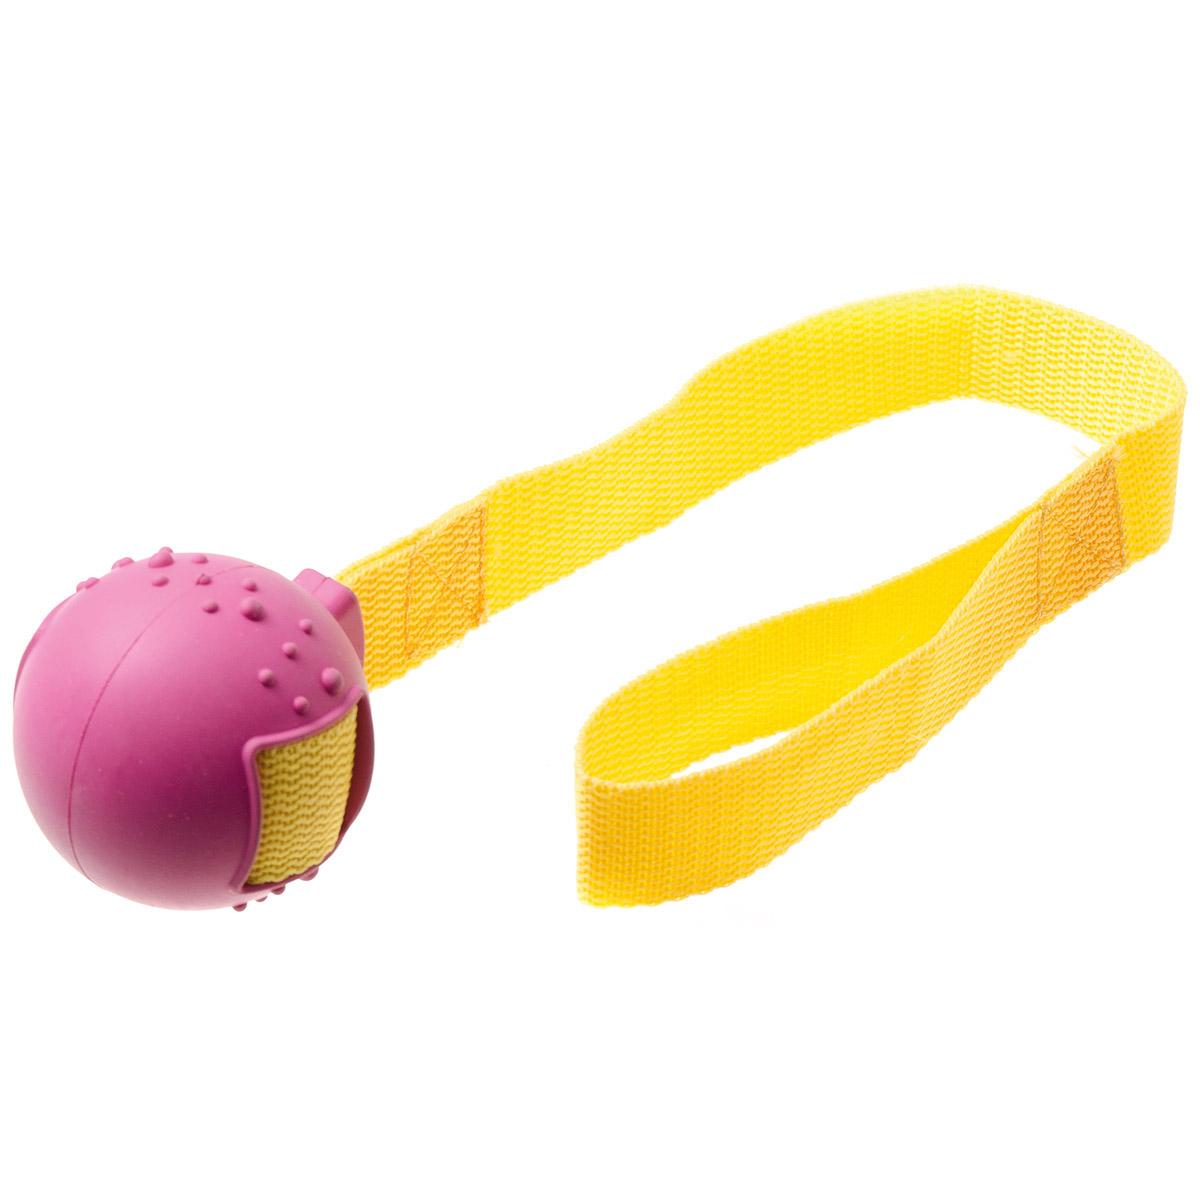 Игрушка для собак V.I.Pet Мяч на ручке, диаметр 5,5 см13121Предназначена для активной игры с питомцем в перетягивание и бросание. С этой игрушкой с удовольствием будут играть и щенки, и взрослые собаки. Изготовлена из экологически чистой резины - абсолютно нетоксичной и безопасной, моется водой.